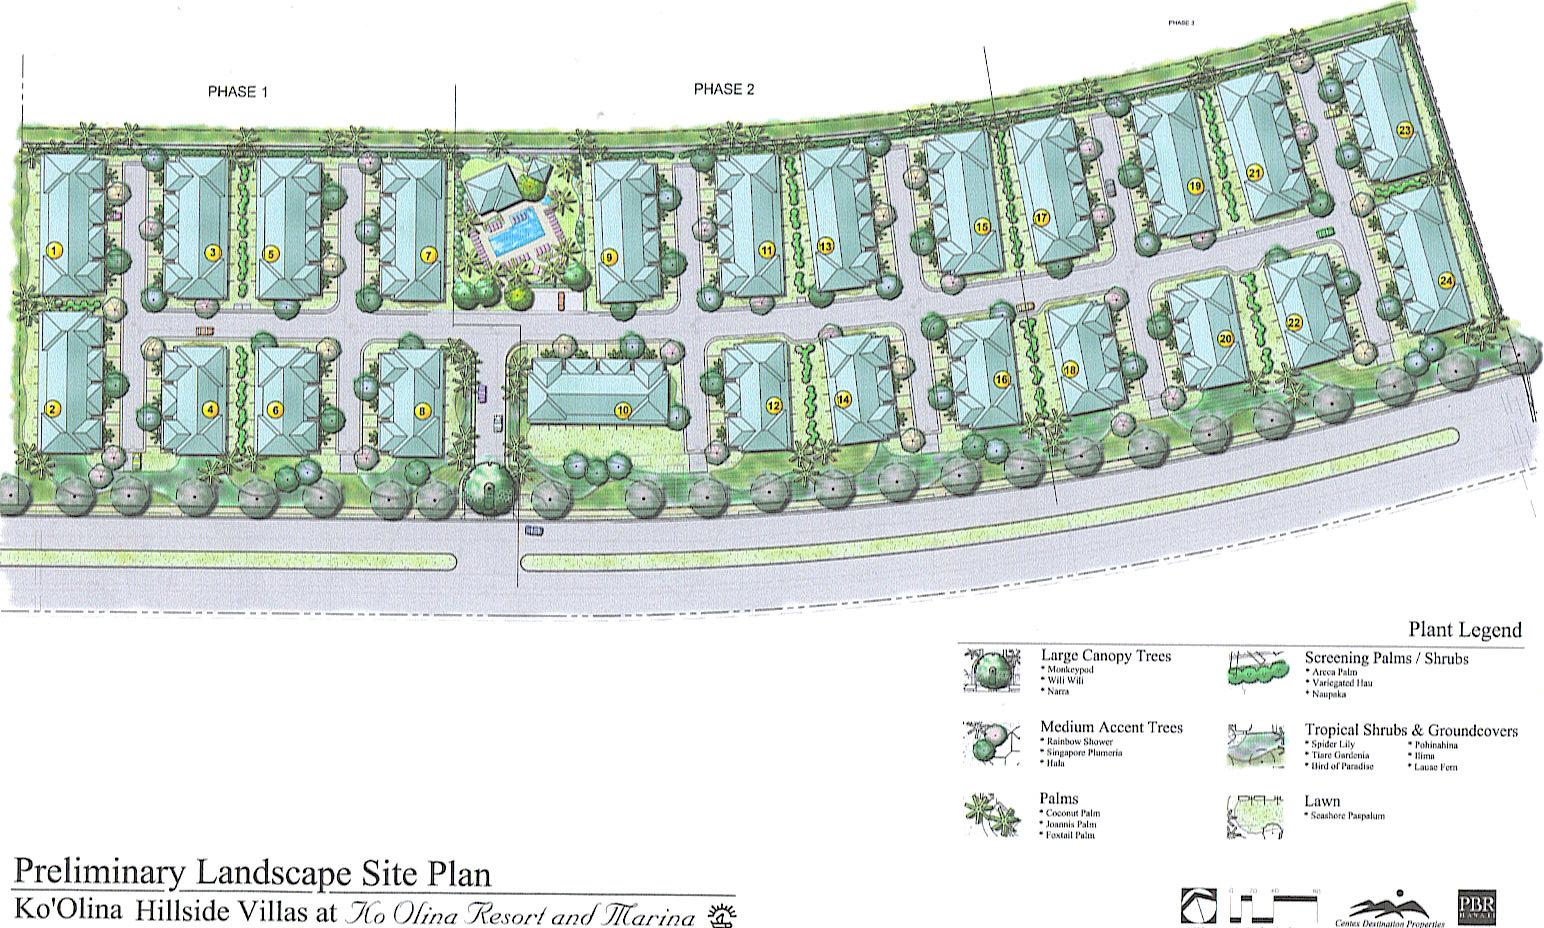 Ko Olina Hillside Villas site map